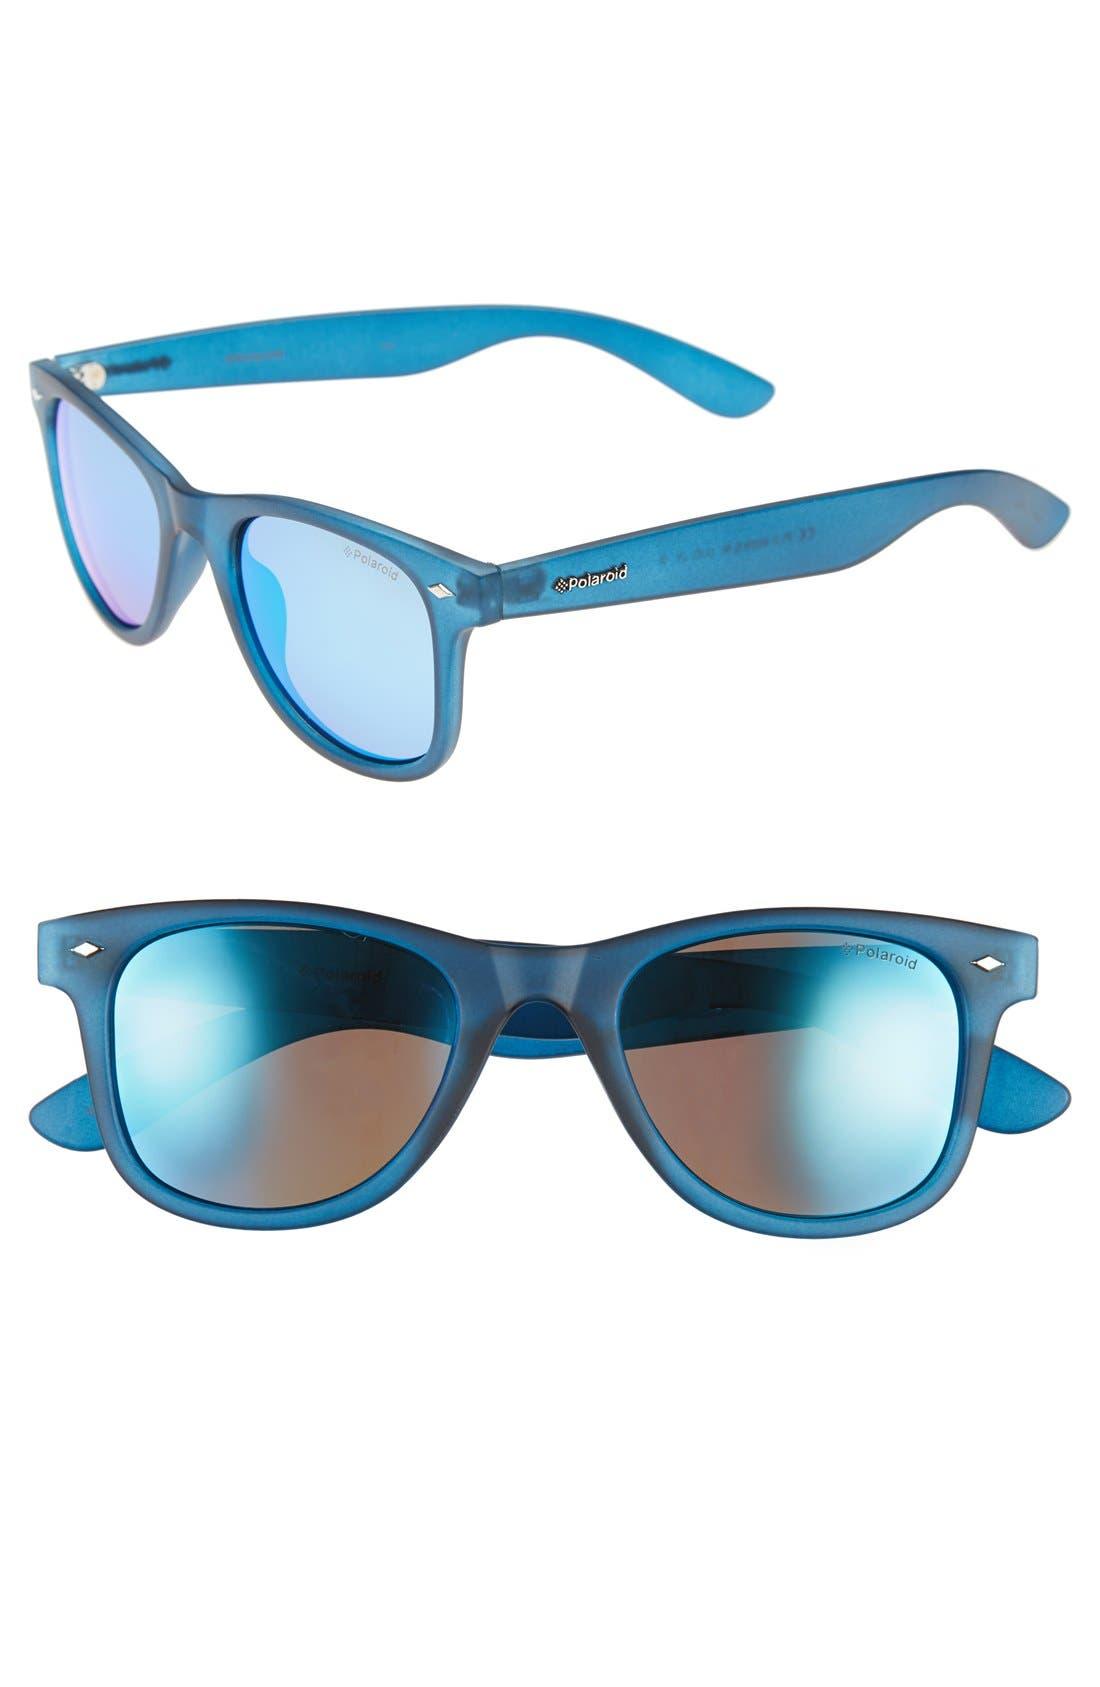 '6009SM' 50mm Polarized Retro Sunglasses,                             Main thumbnail 1, color,                             Blue Transparent/ Blue Morror